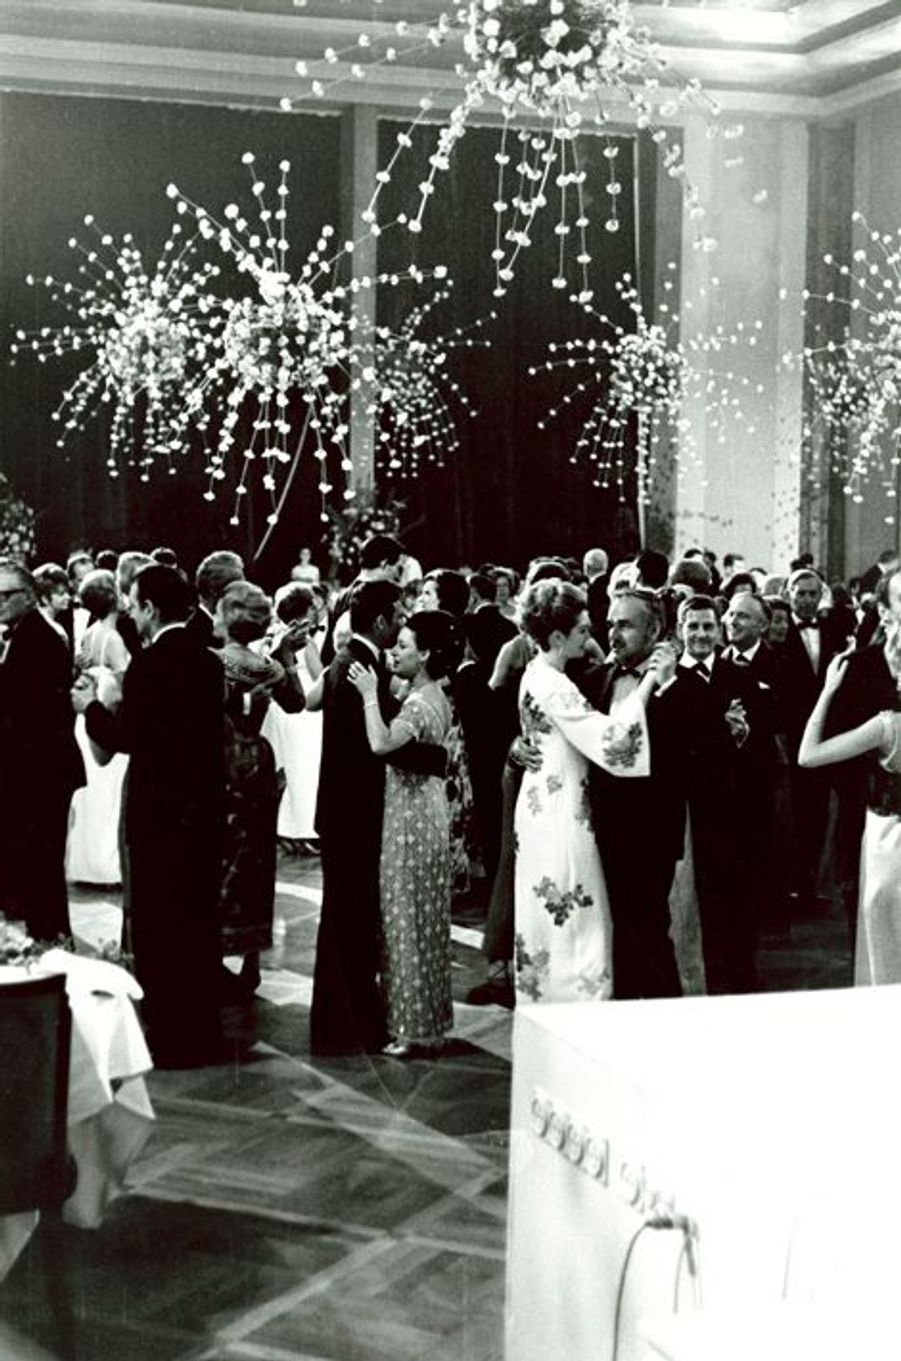 Rainier, Grâce de Monaco et la princesse Margaret dansent lors d'une réception donnée dans la grande salle du Palm Beach, à Cannes, mai 1966